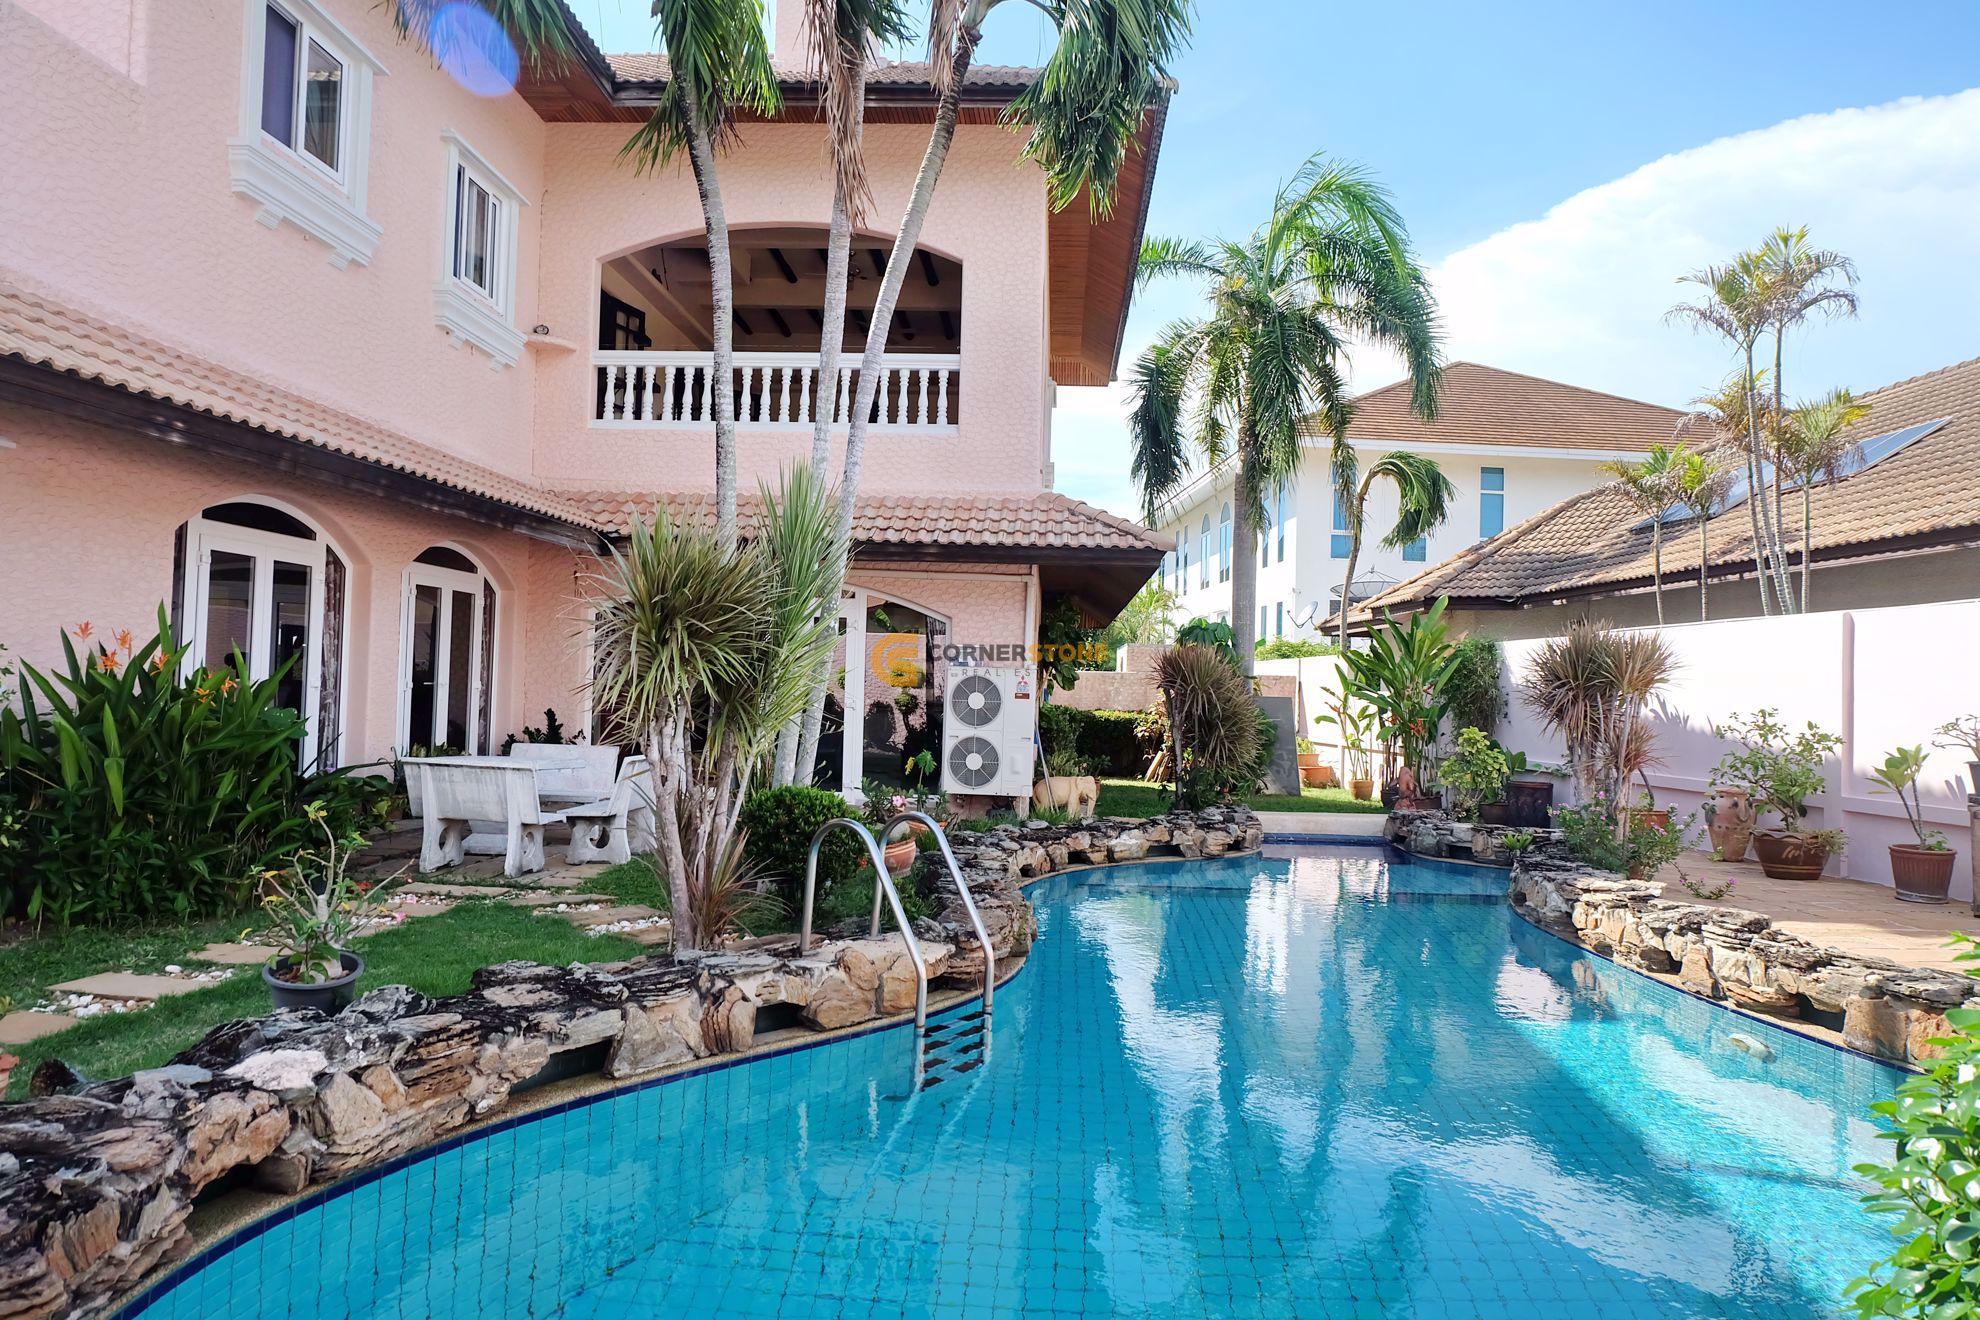 3 bed House in El Grande in East Pattaya H002446